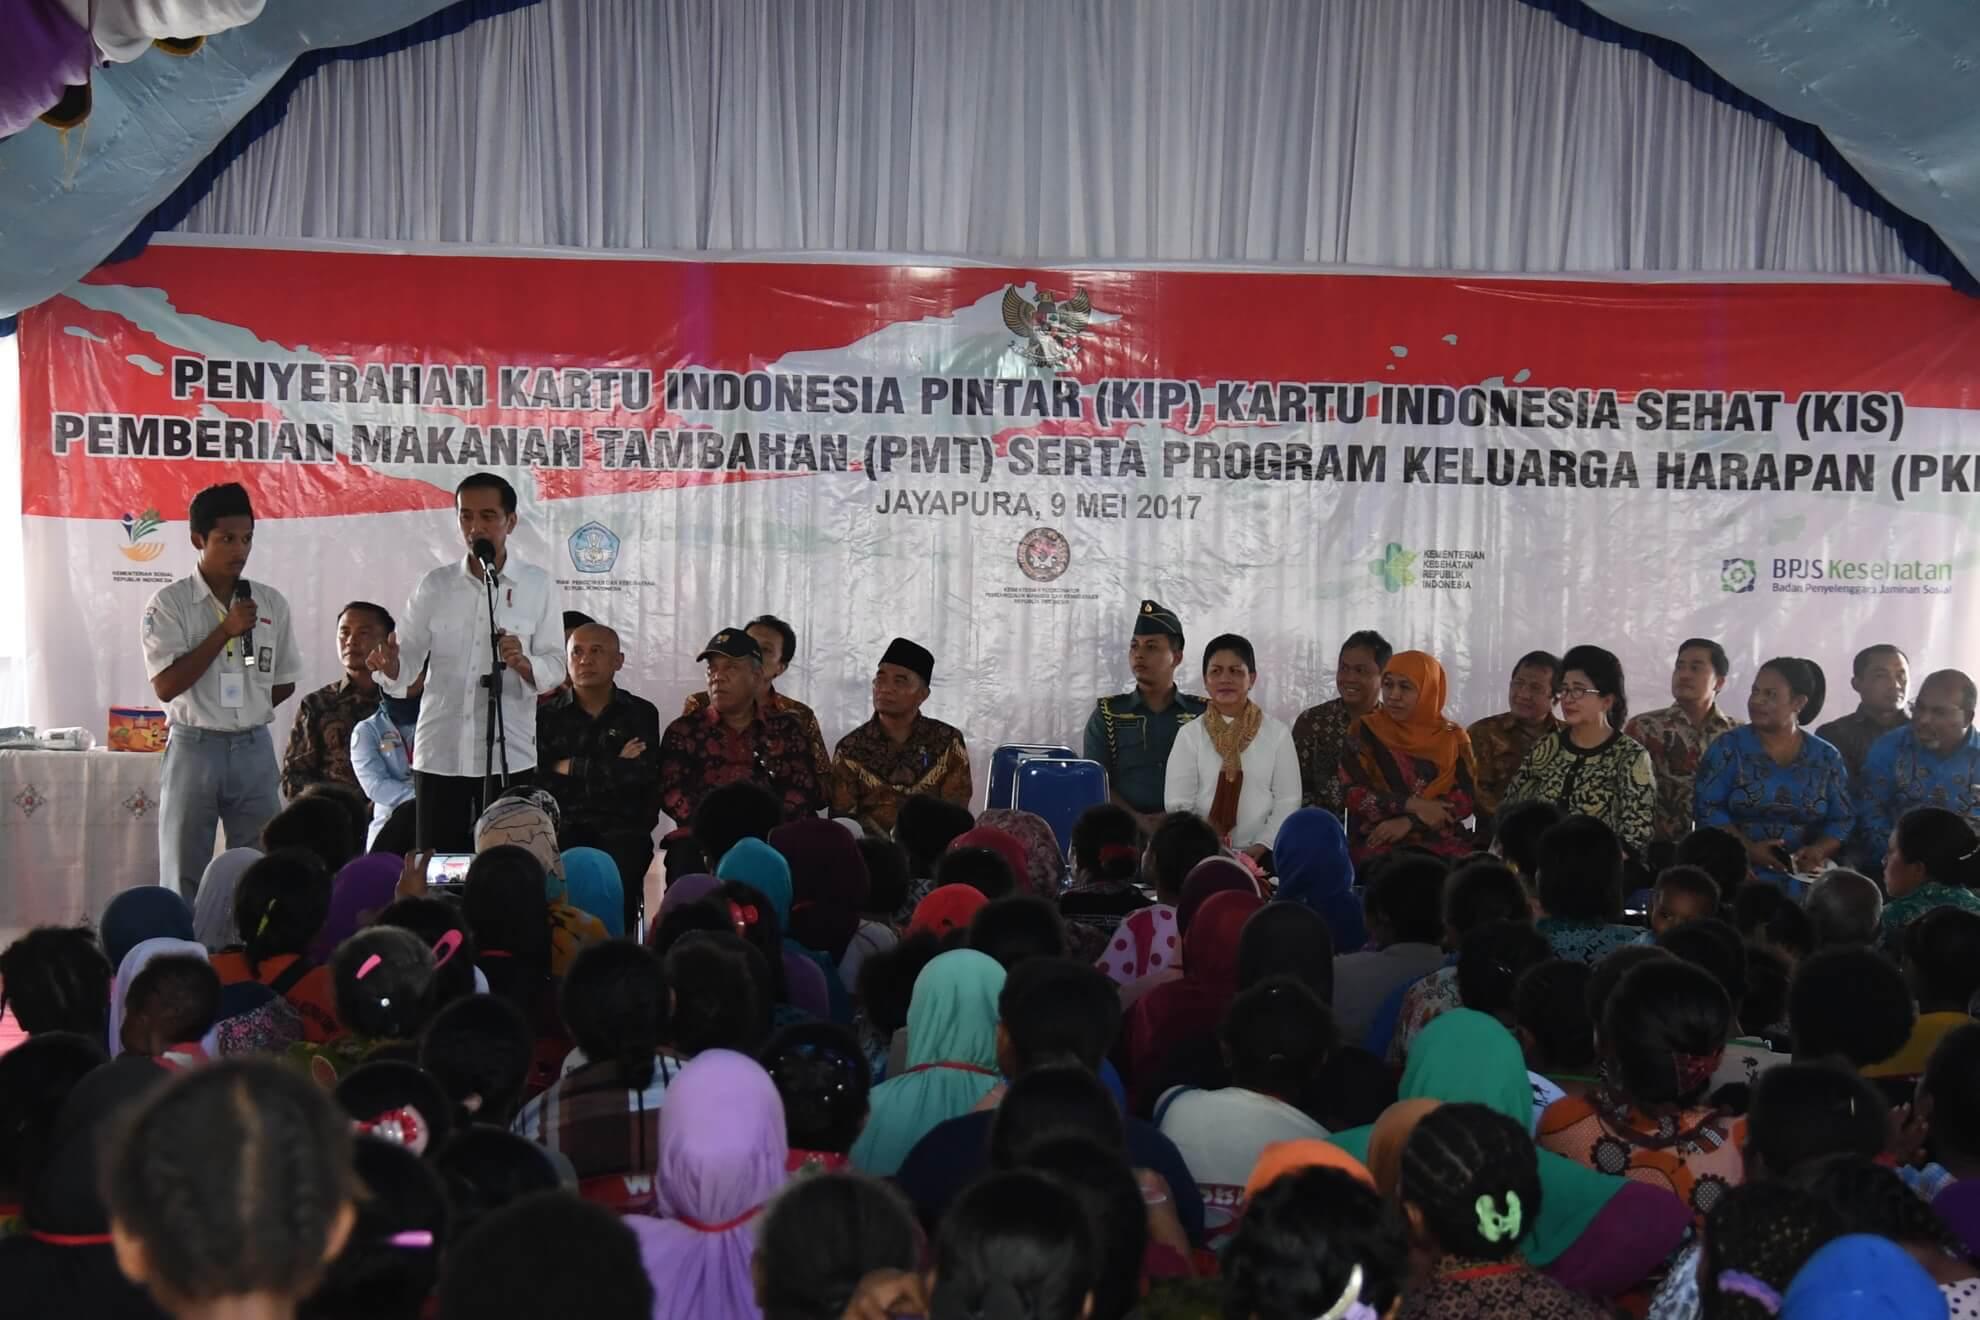 9-5-2017-presiden-dan-para-menteri-berdialog-dengan-anak-sekolah-pada-pembagian-kis-kip-pkh-pmt-oleh-presiden-di-kota-jayapura-jpg